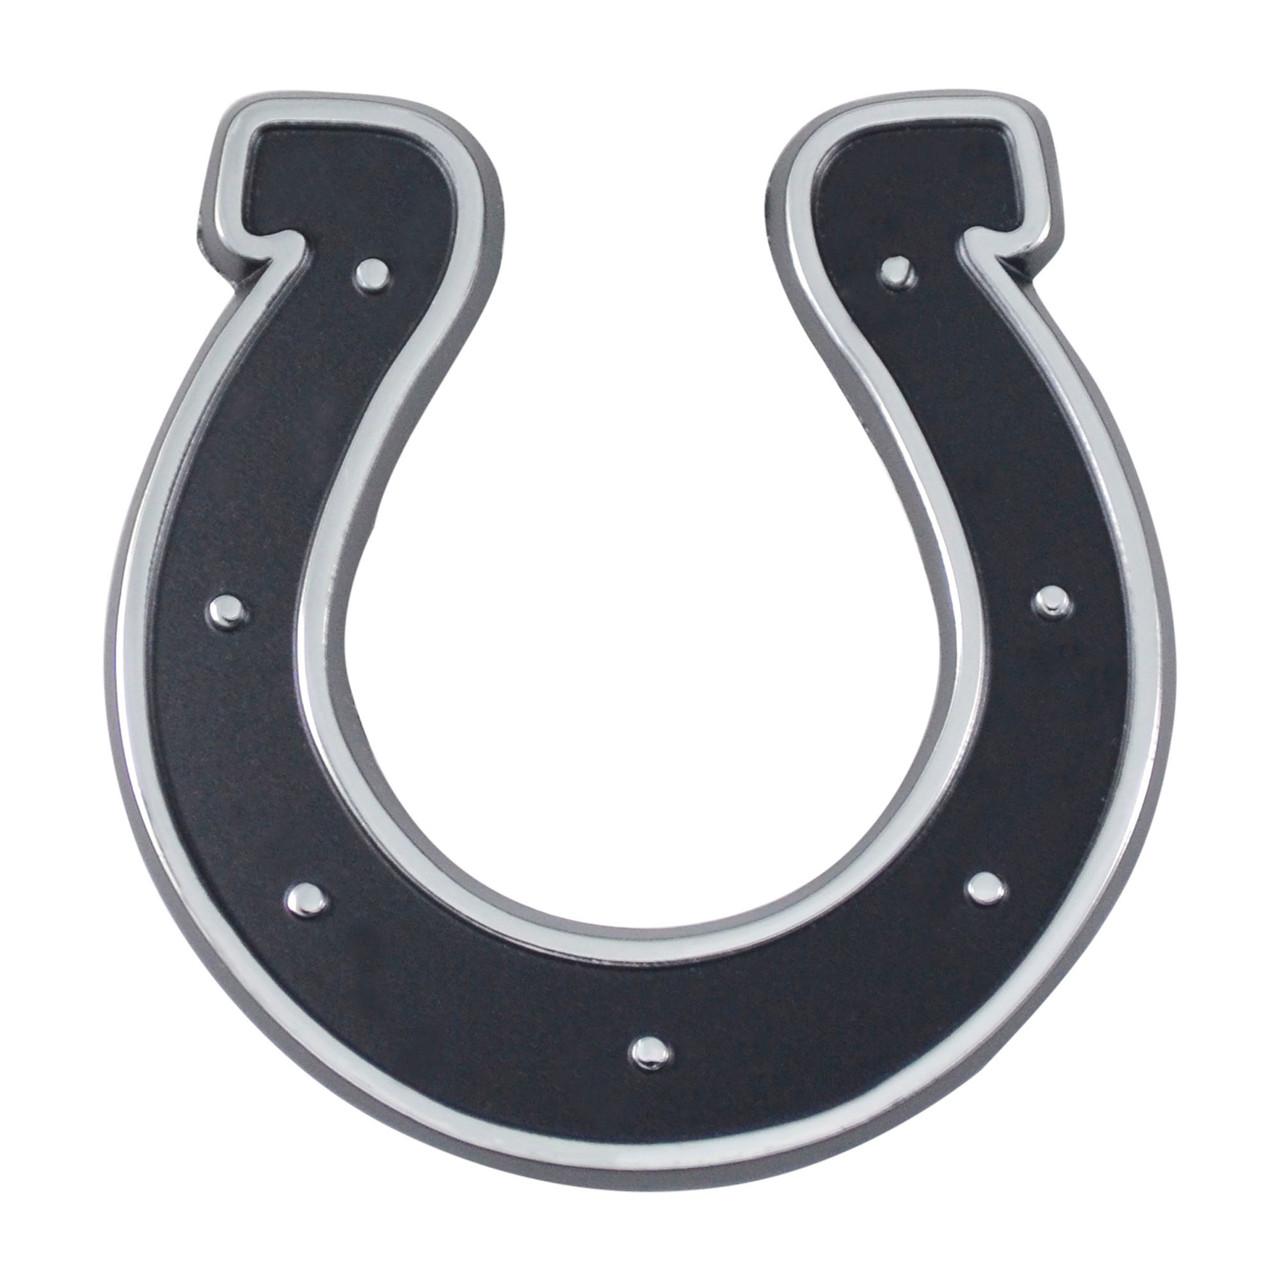 Indianapolis Colts Auto Emblem Premium Metal Chrome